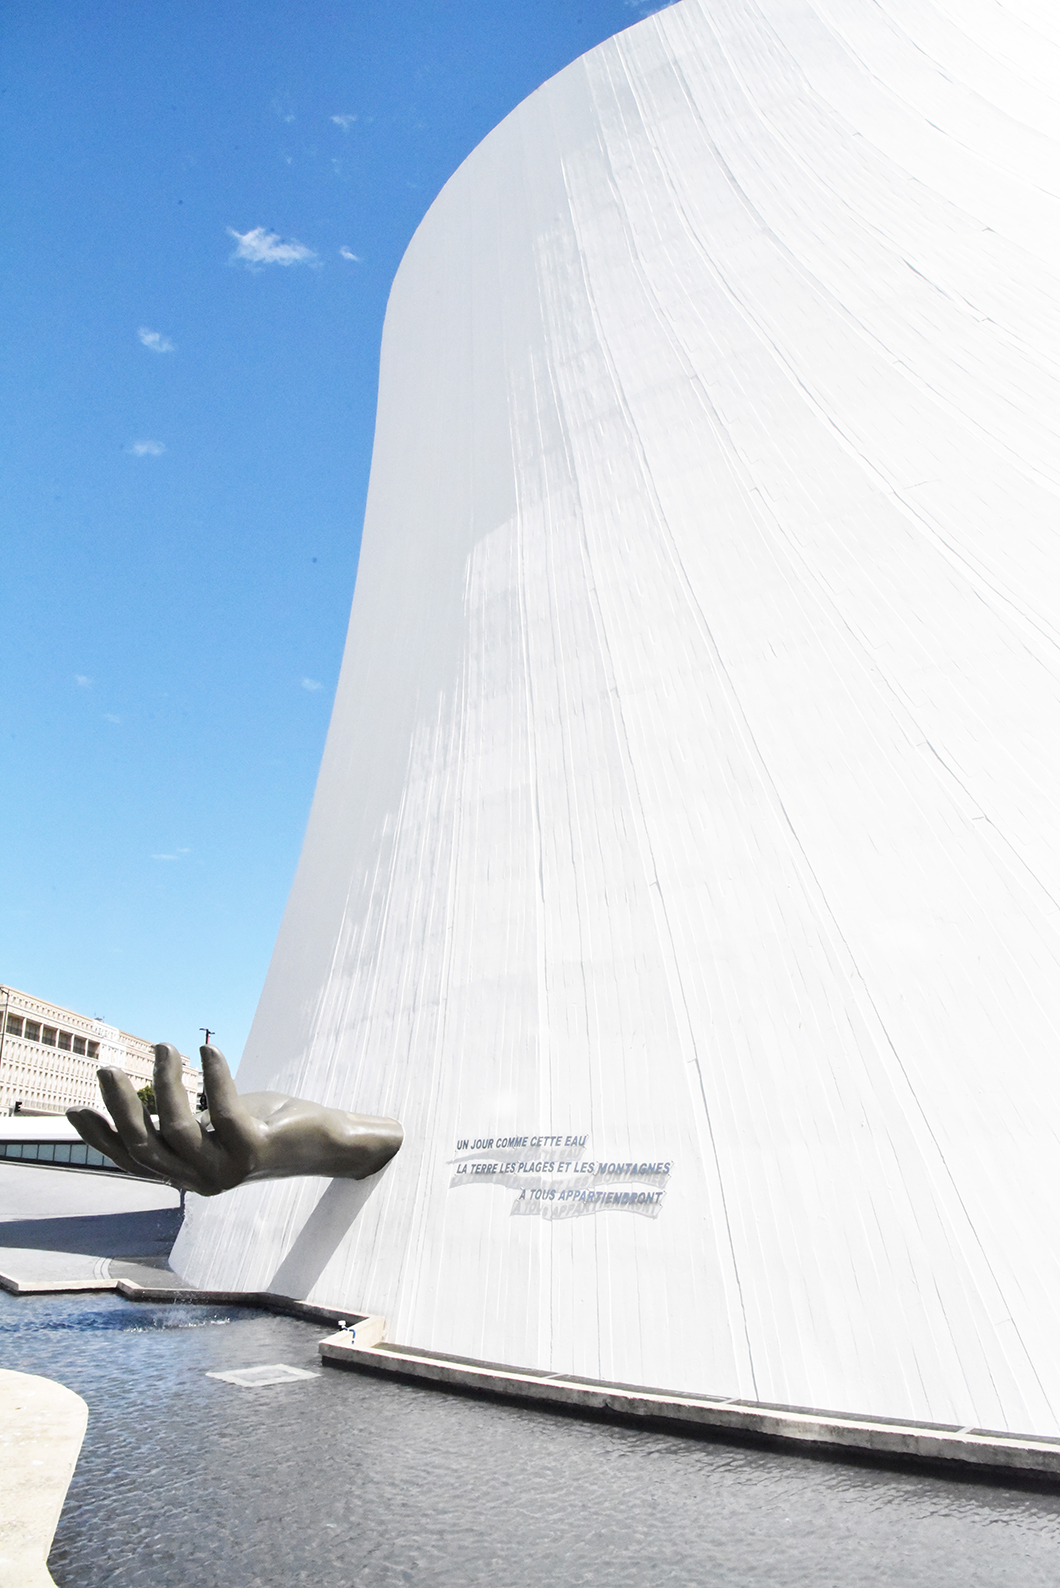 Volcan d'Oscar Niemeyer - Le Havre